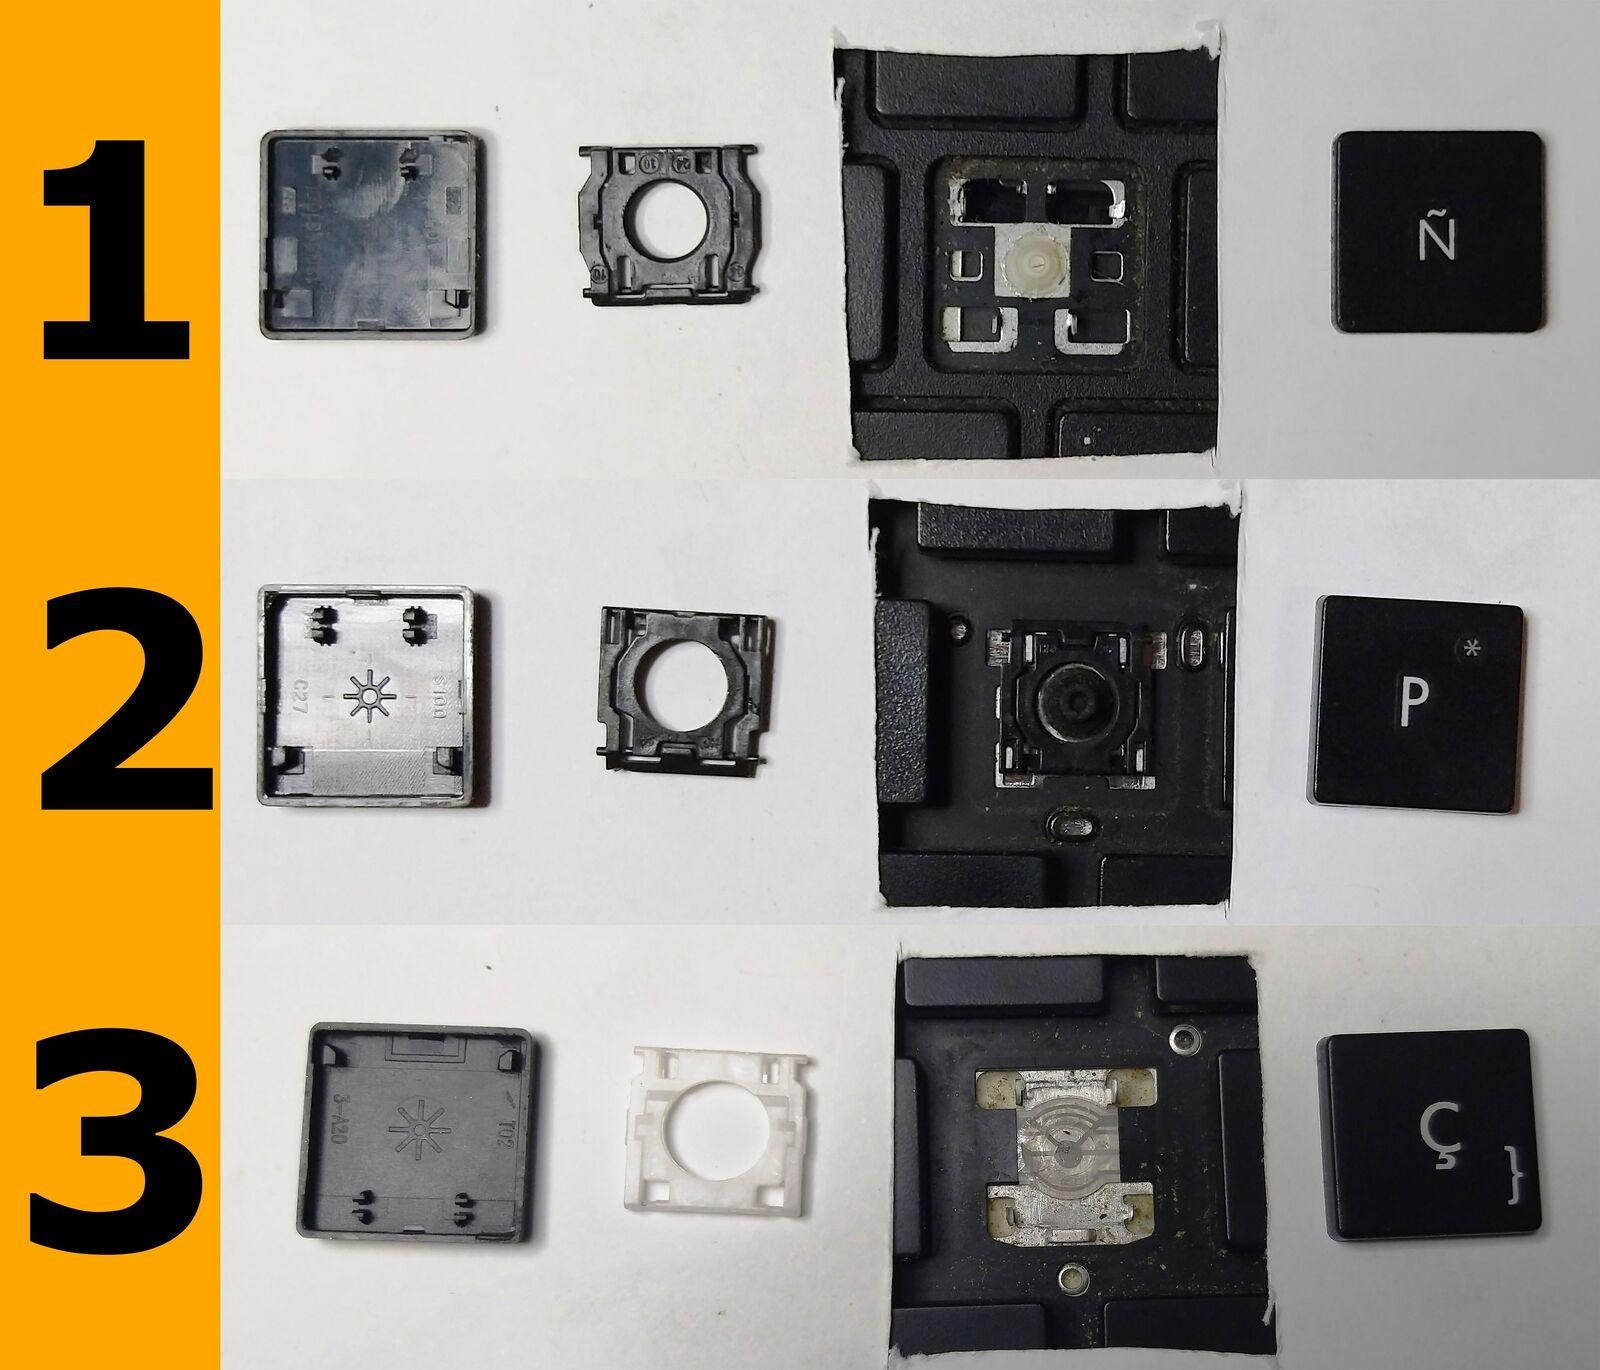 TECLA TECLAS DE TECLADO HP ENVY 4-1100 4-1200 6T-1000 6T-1100 6Z-1000 6-1000